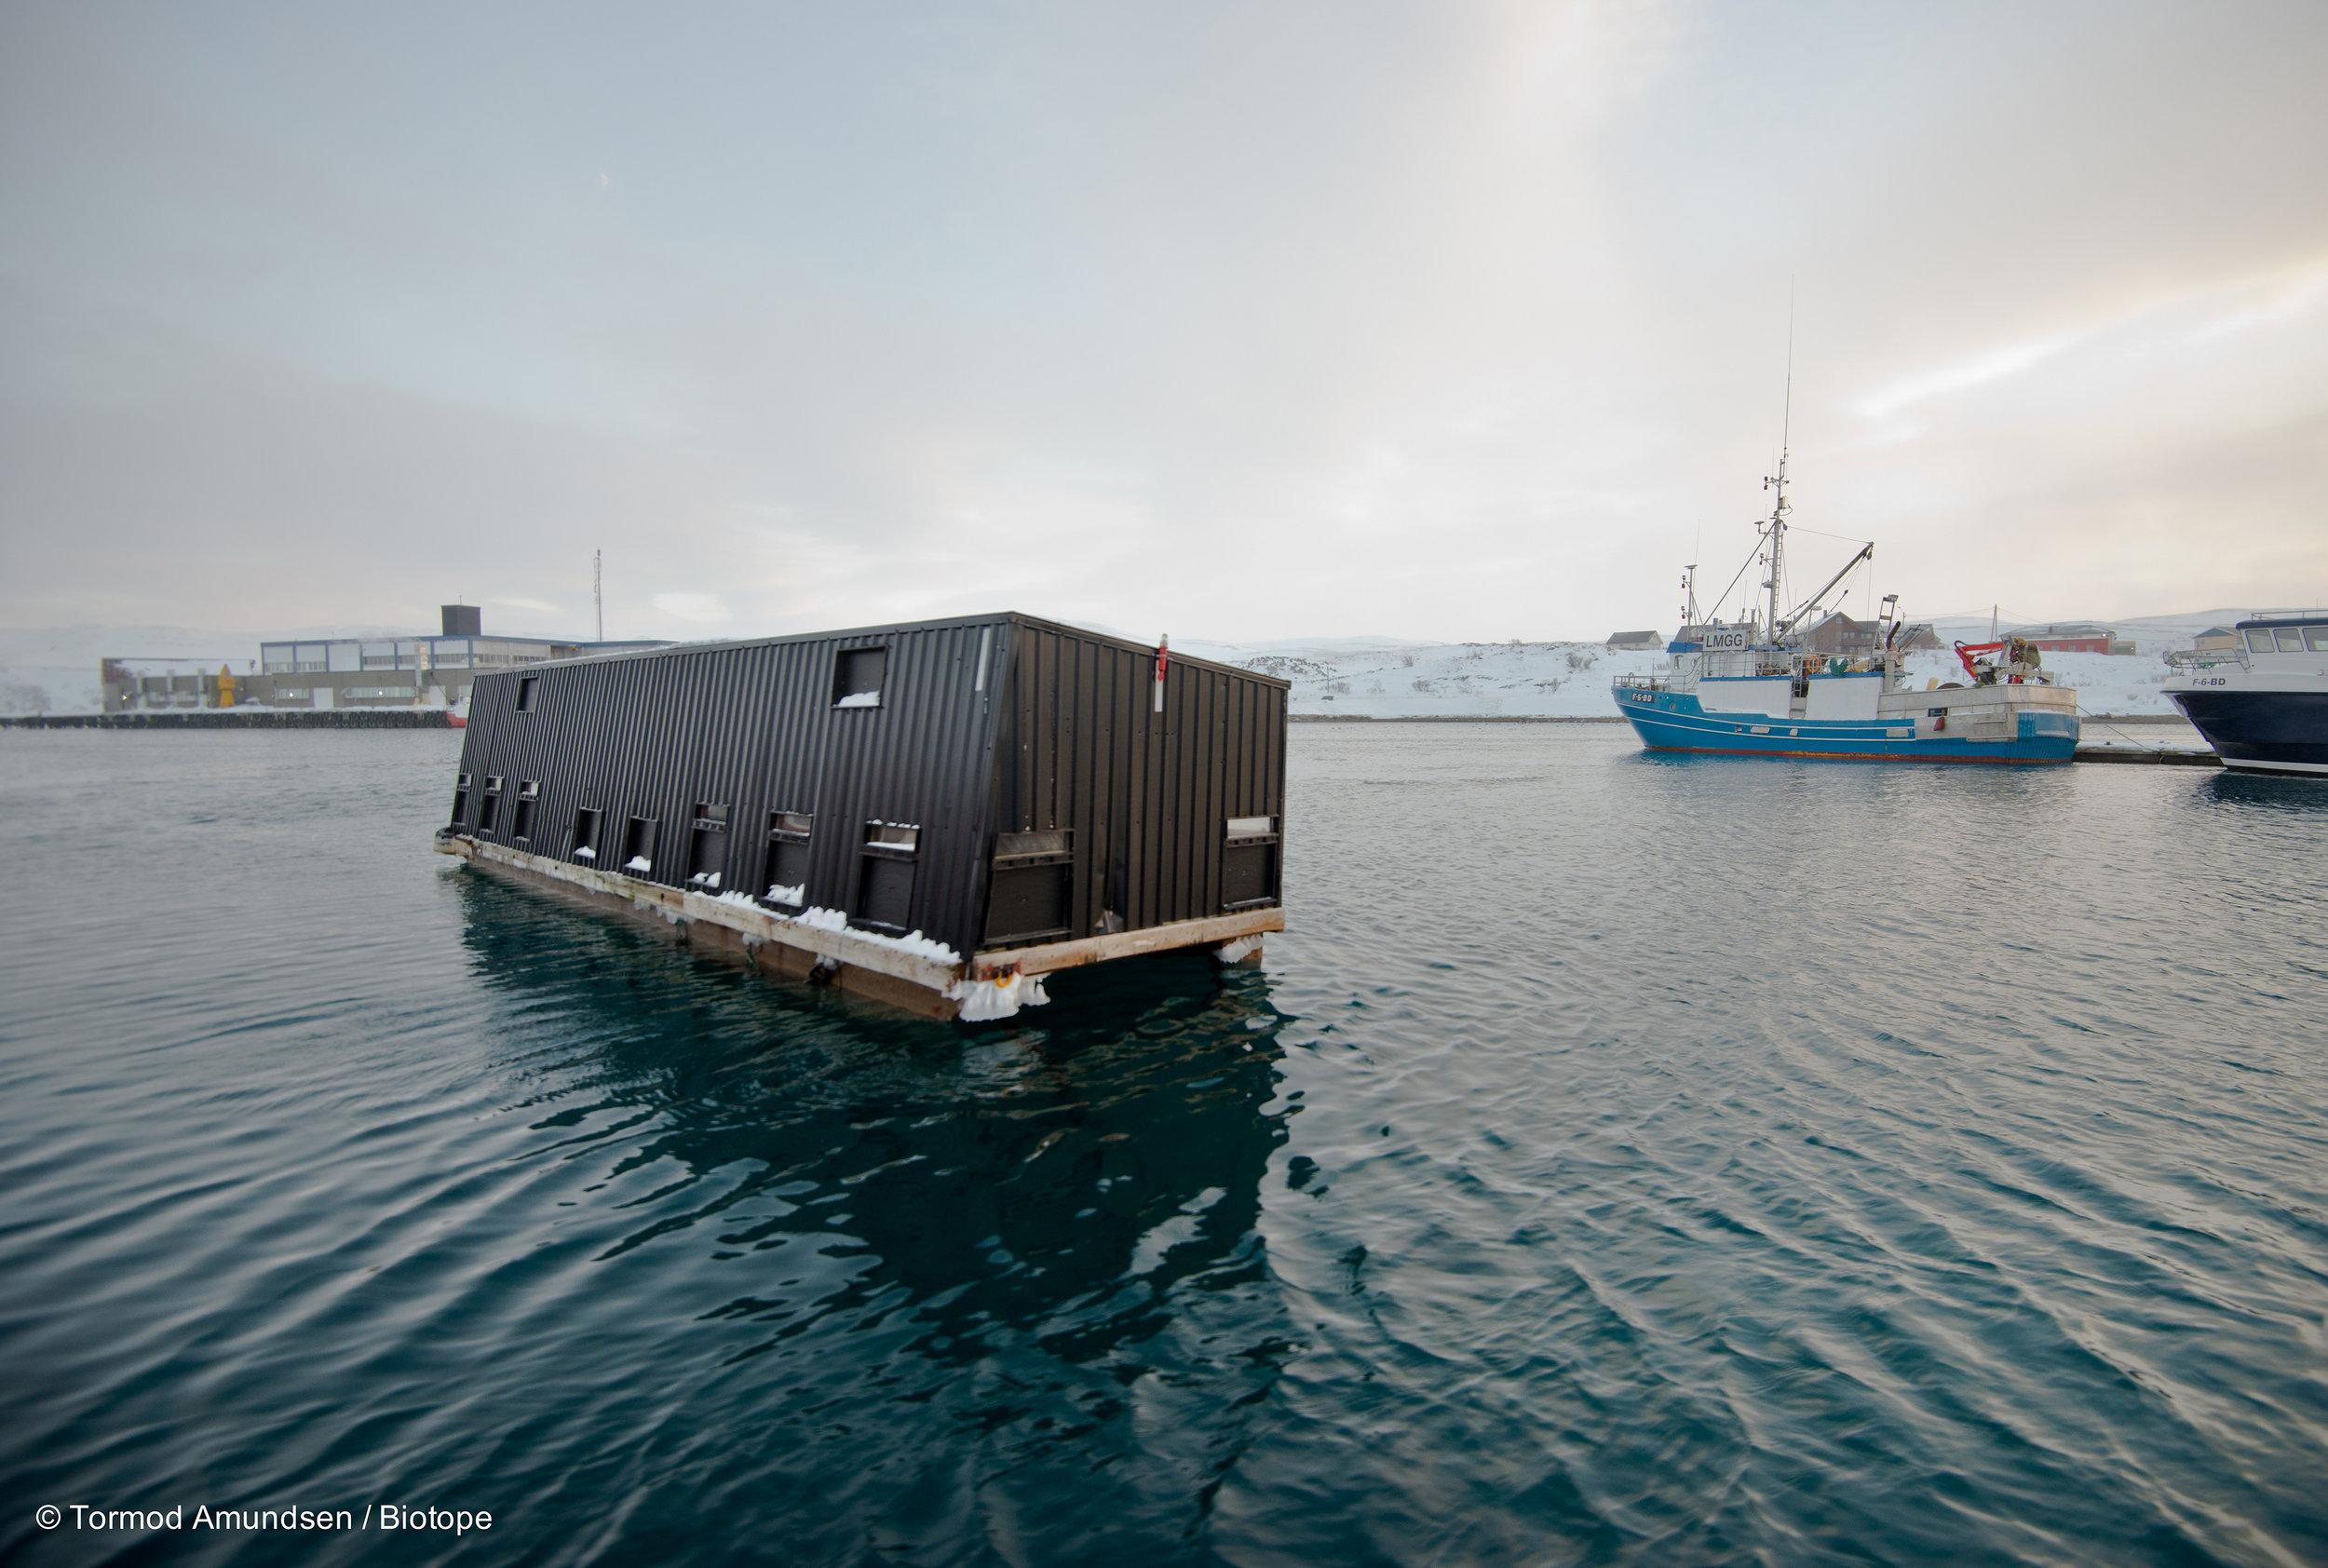 Floating photohide in Båtsfjord